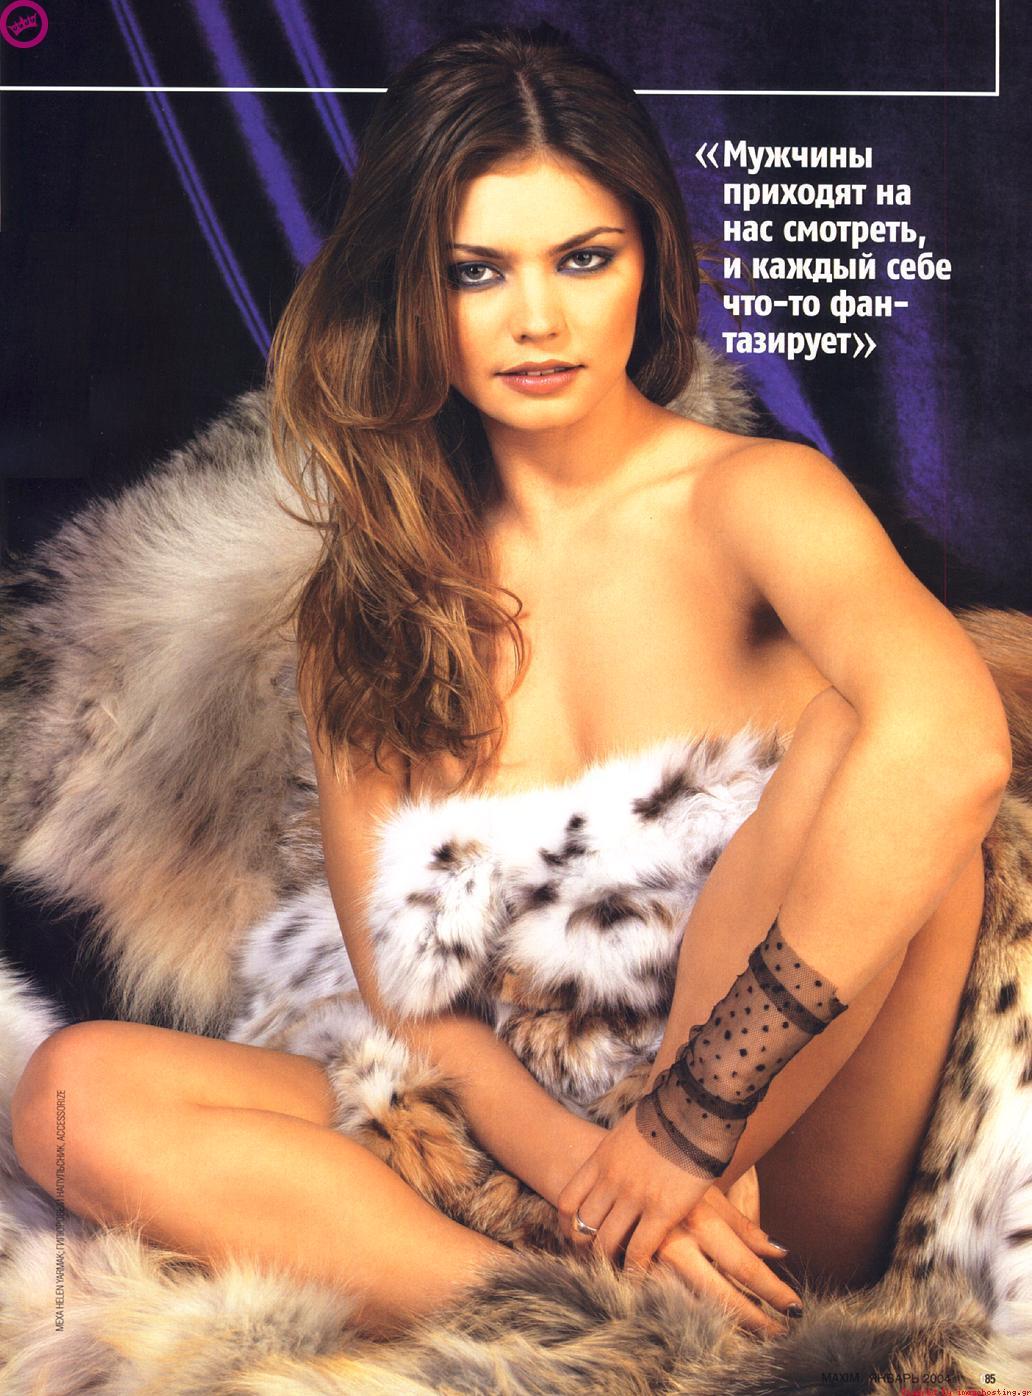 Сексуальные знаменитости россии 8 фотография